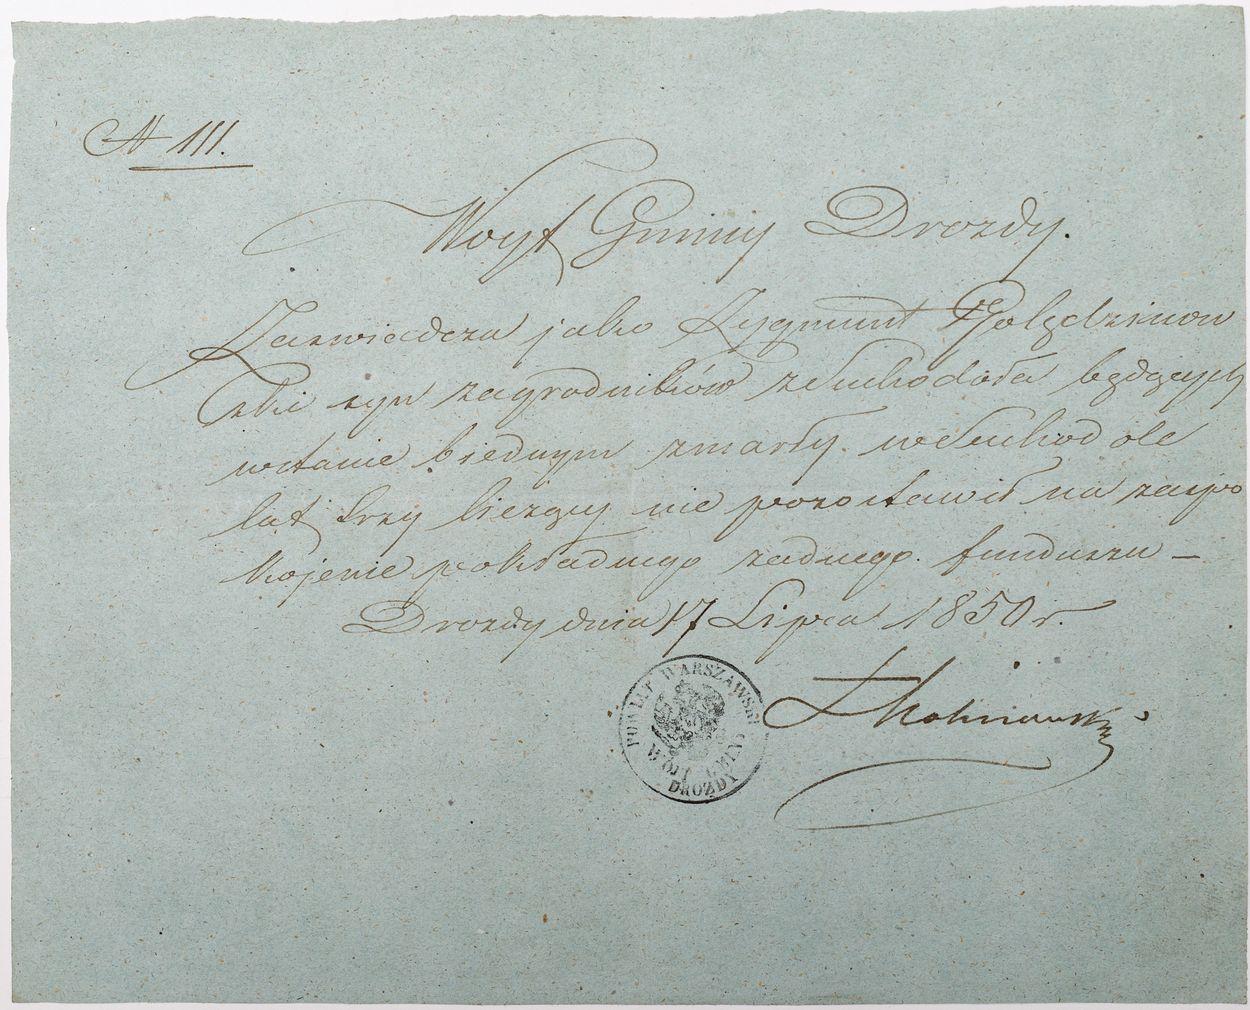 LIST WÓJTA GMINY DROZDY, 17.07.1850